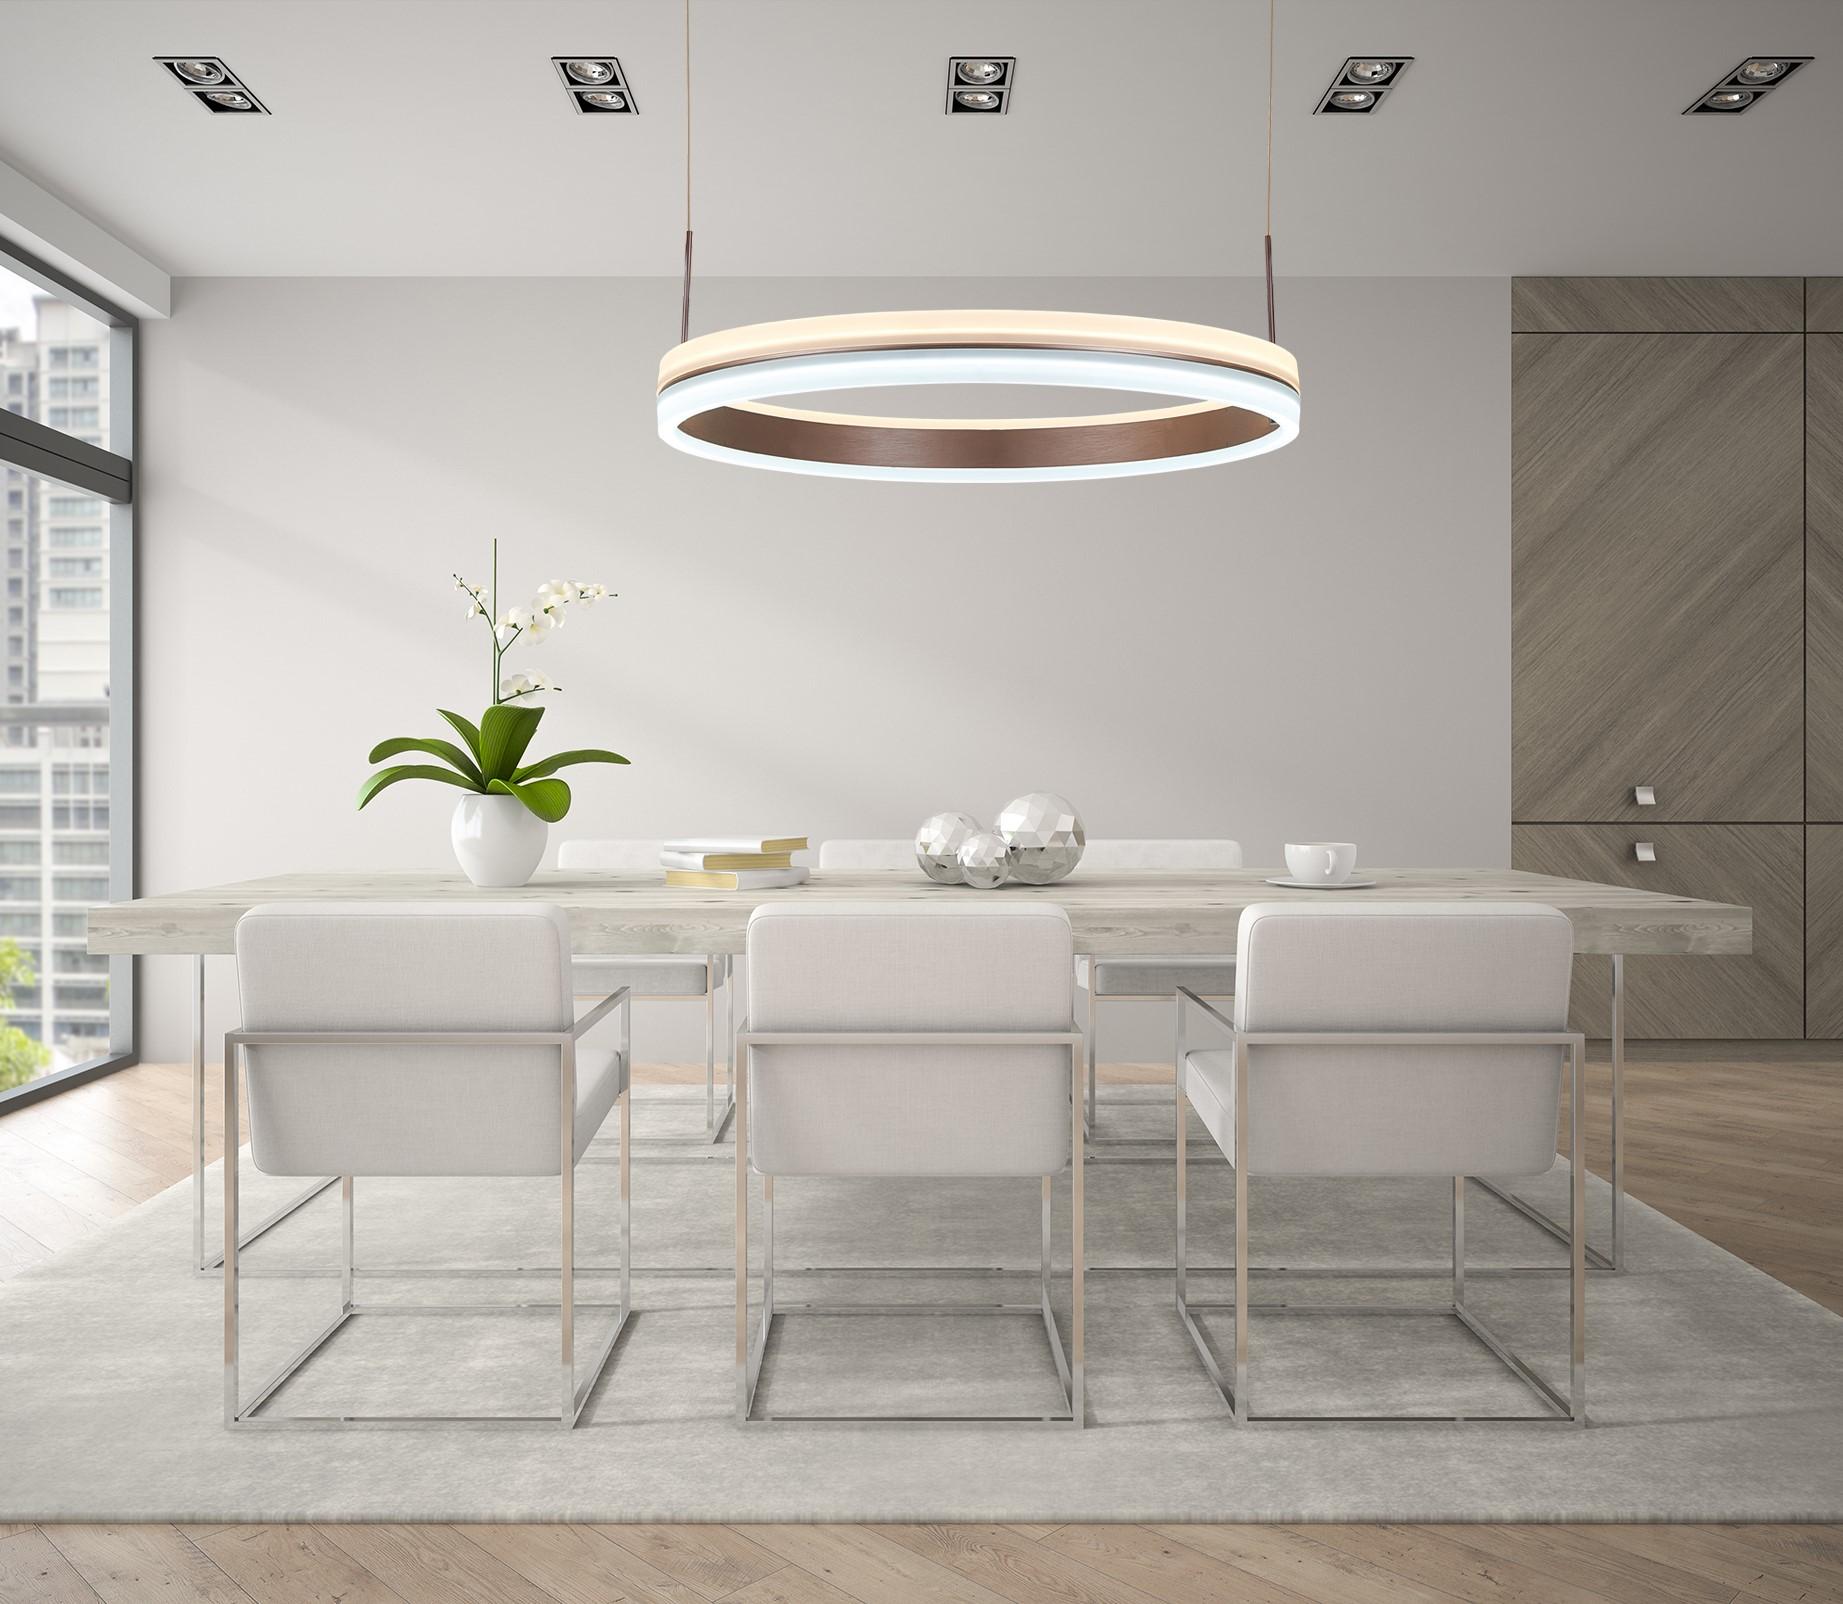 Erfahren Sie mehr über die LED Ringleuchte Marino